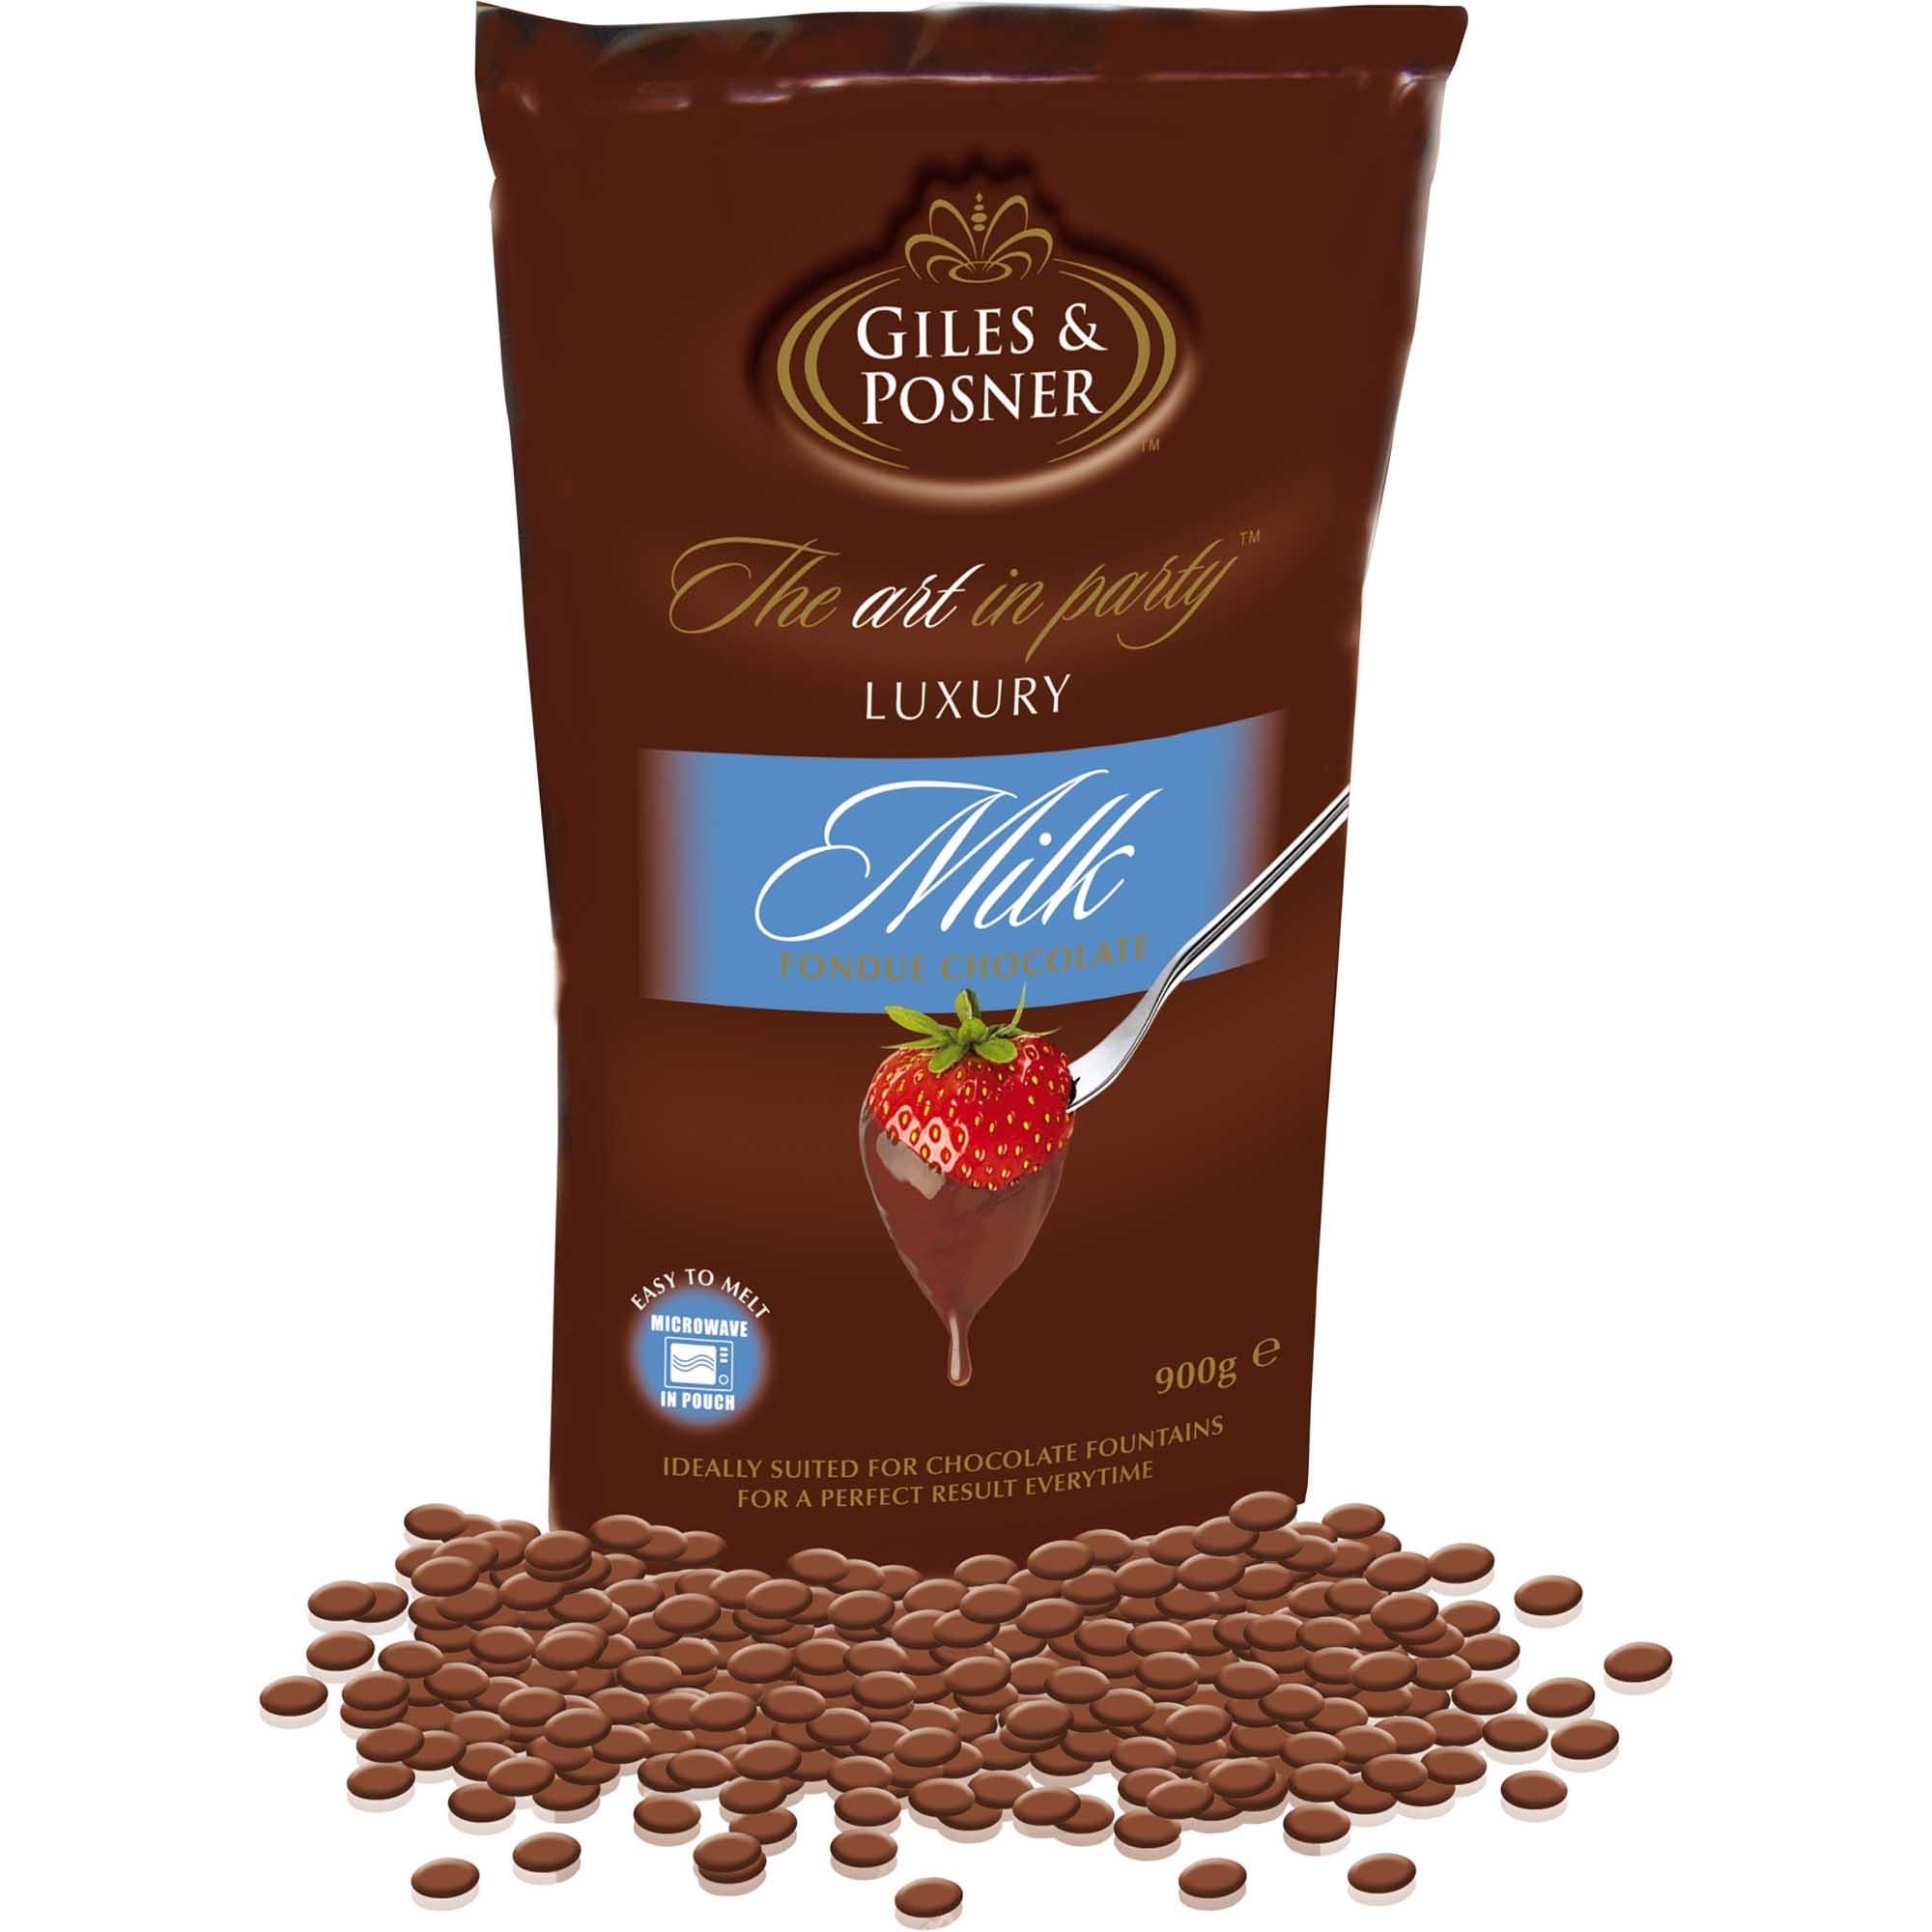 Schokolade Für Schokobrunnen Vollmilch 900g